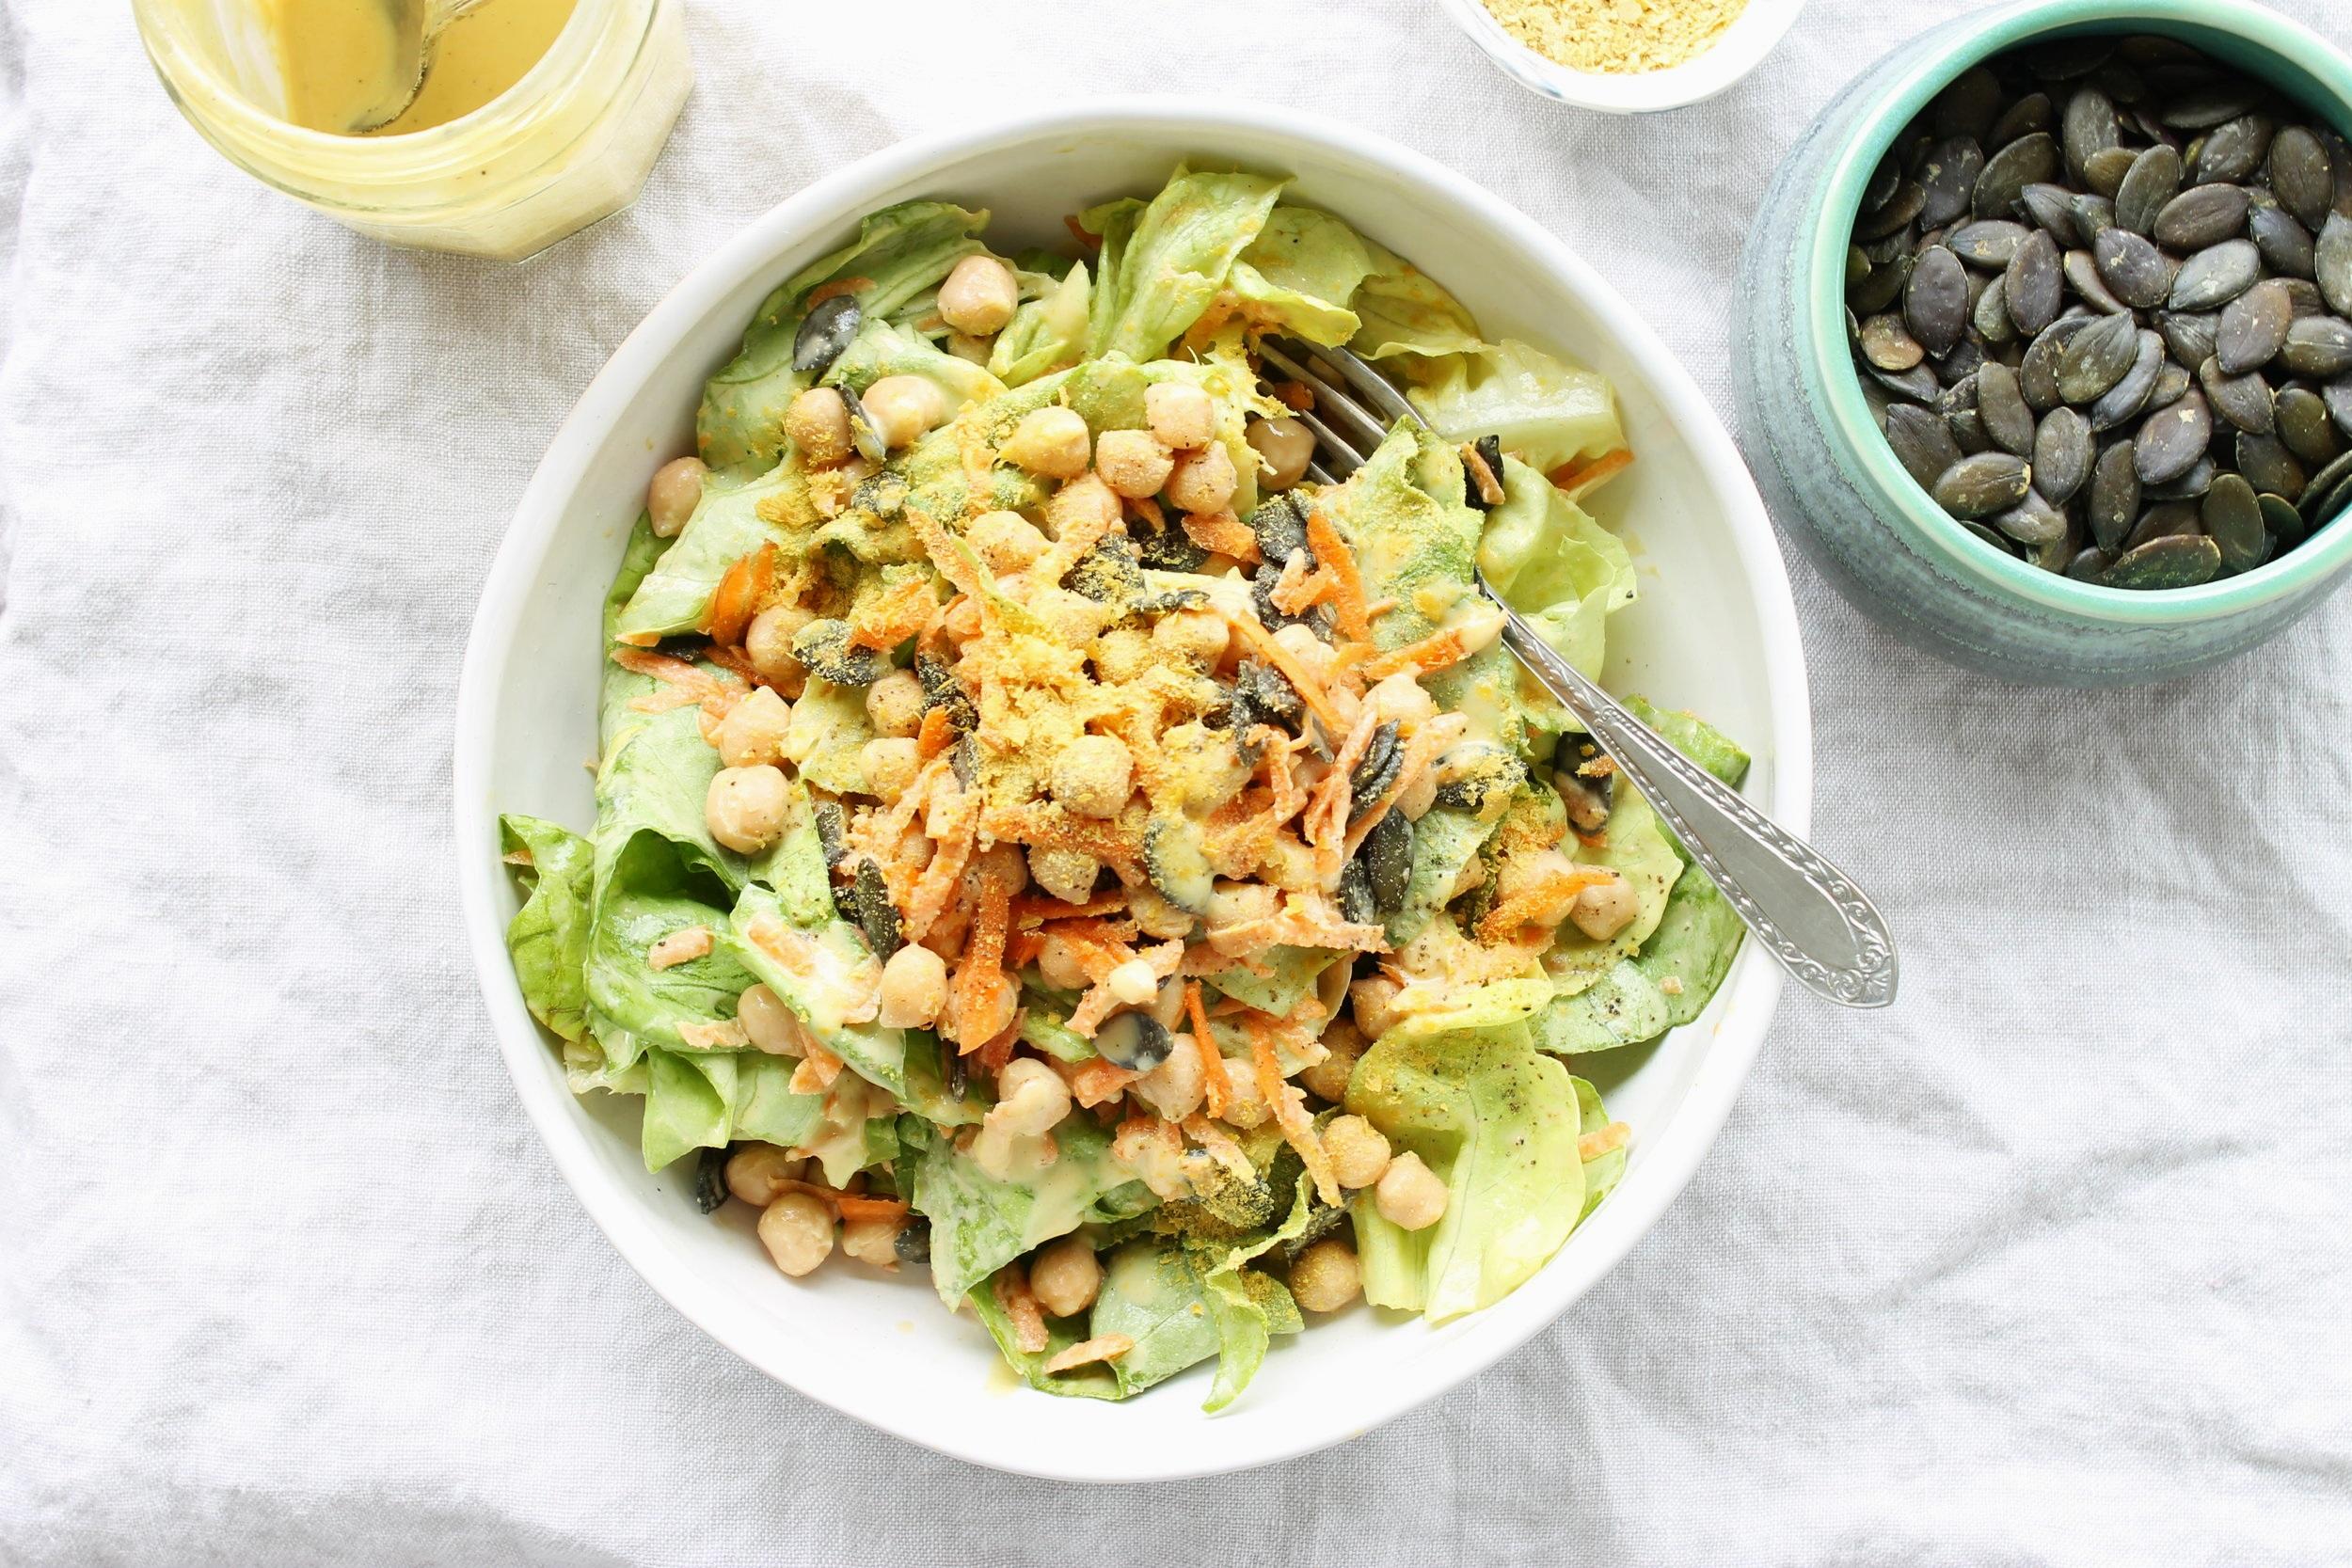 Supergreen salad with creamy cashew dressing | Beloved Kitchen